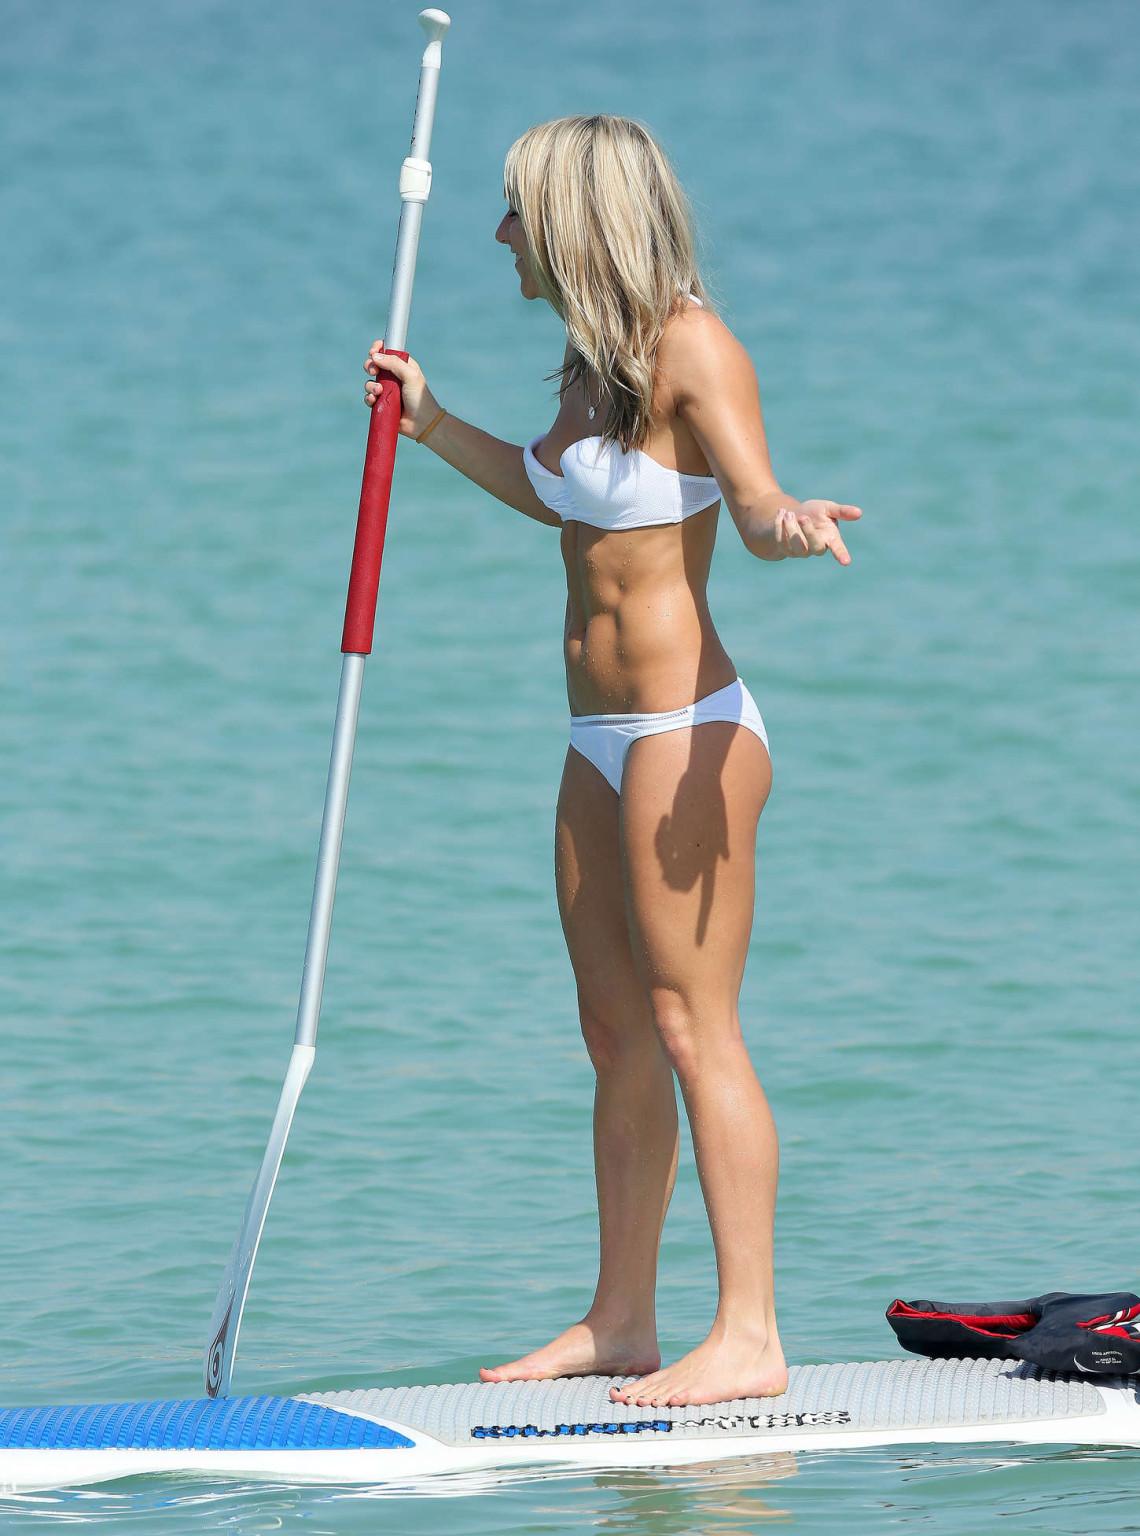 На пляже девка с маленькими формами снимается перед камерой папараци